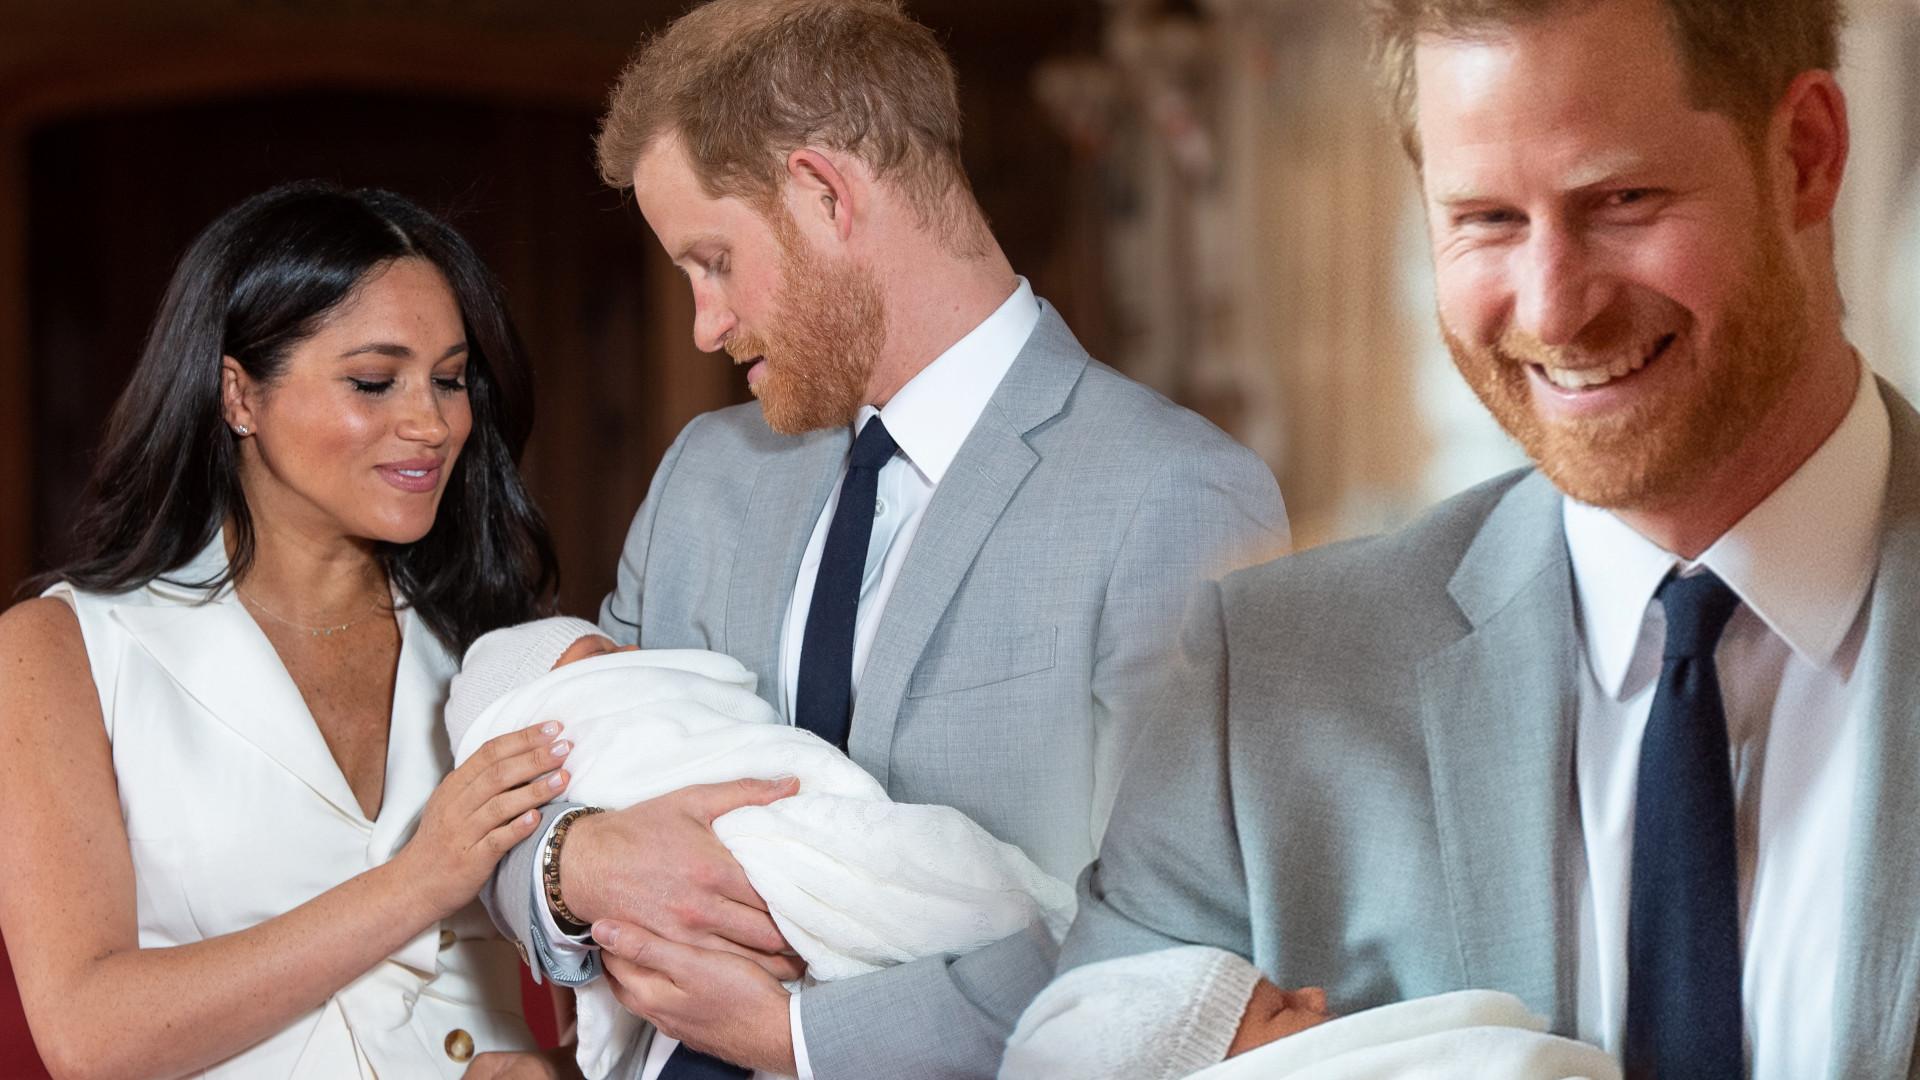 Książę Harry wyszeptał te słowa do księżnej Meghan, gdy pierwszy raz wyszli z synem